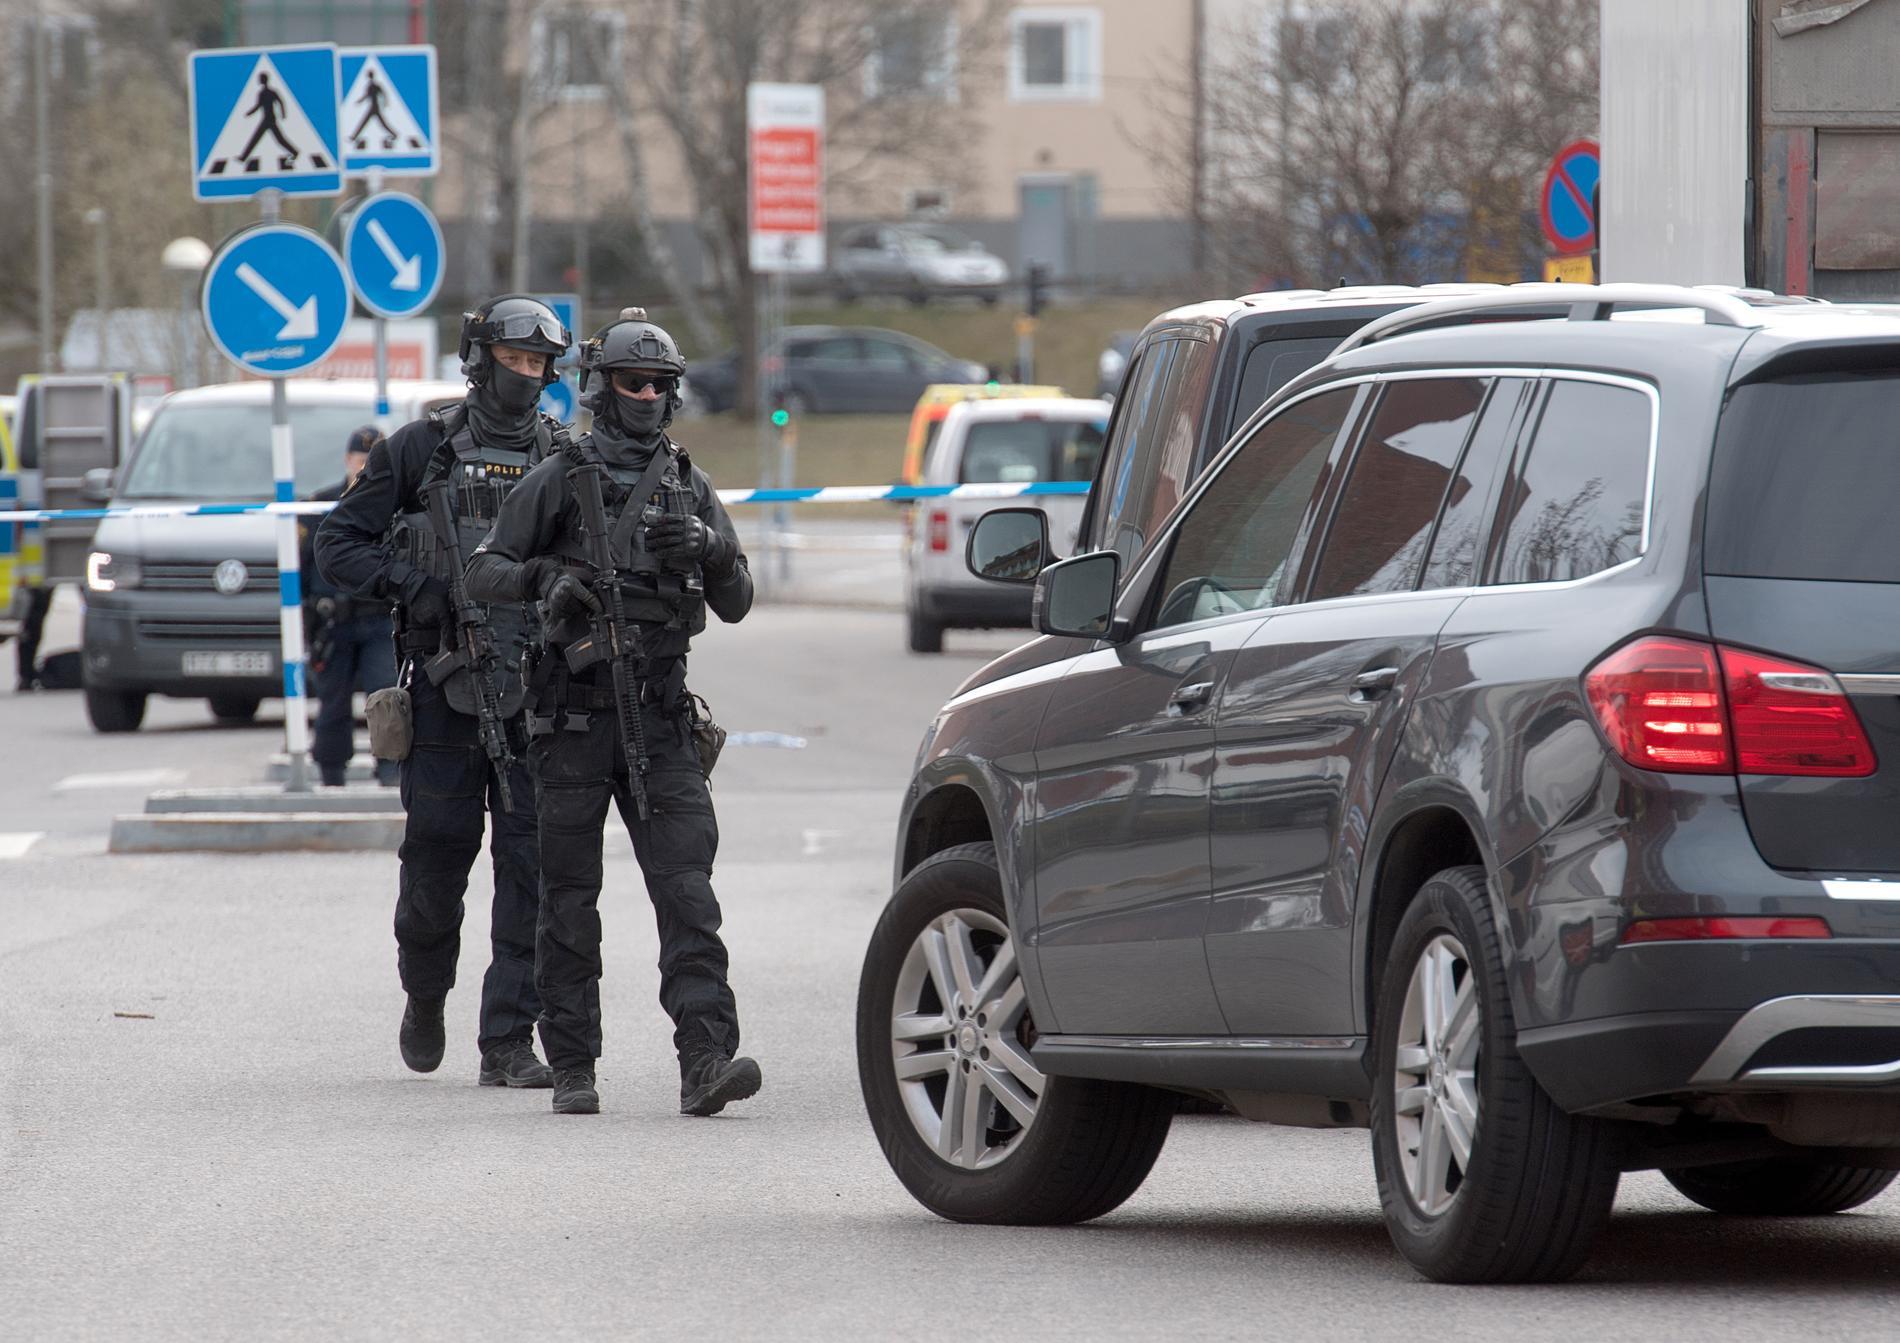 Polisen skickade ut ett stort antal patruller till platsen, däribland insatsstyrkan.